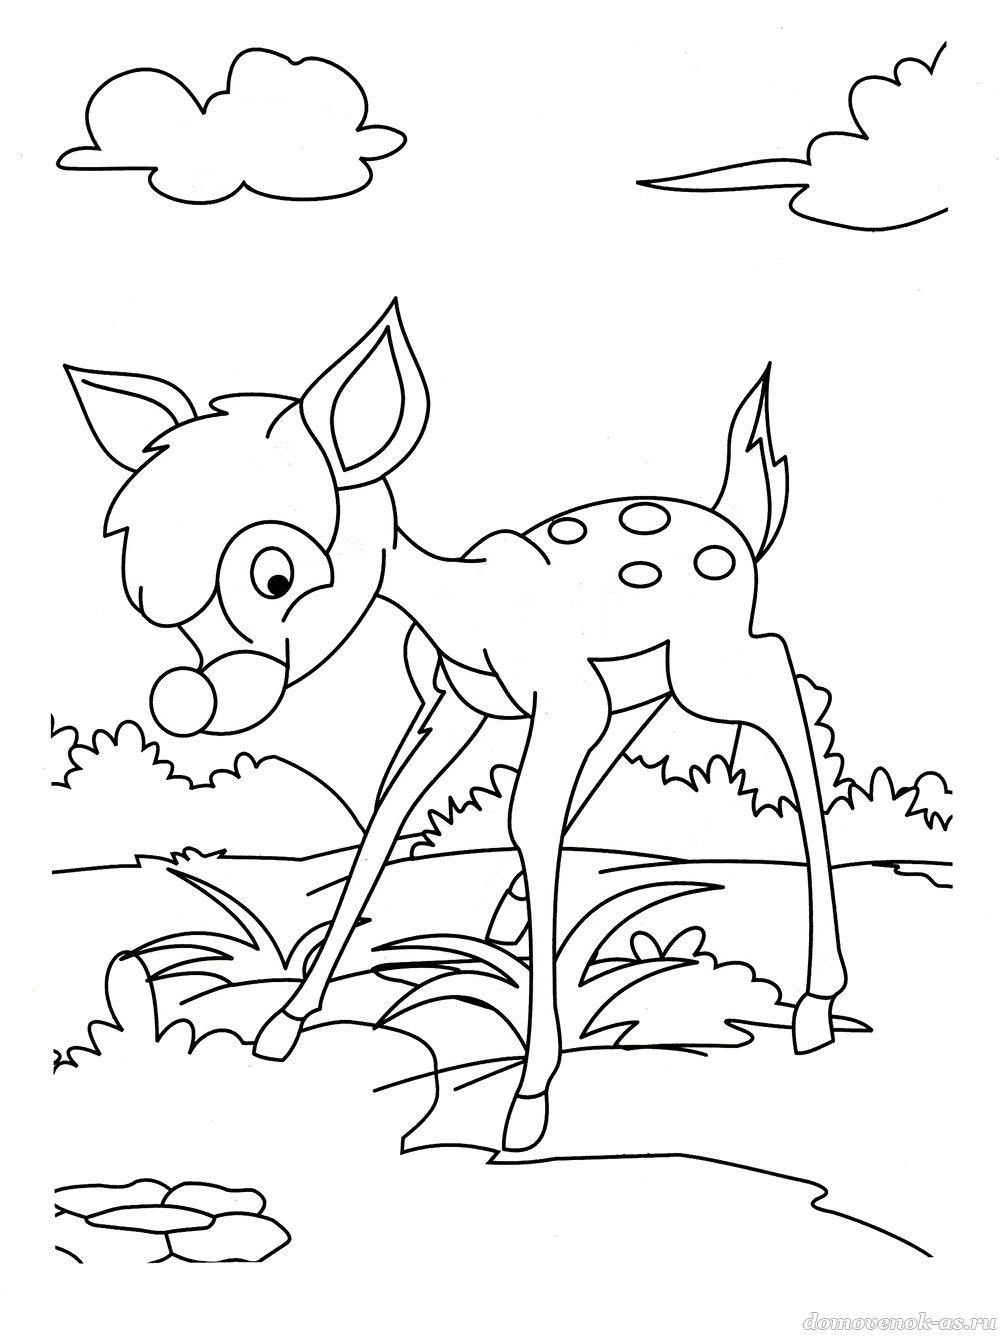 Раскраска для детей 5-7 лет